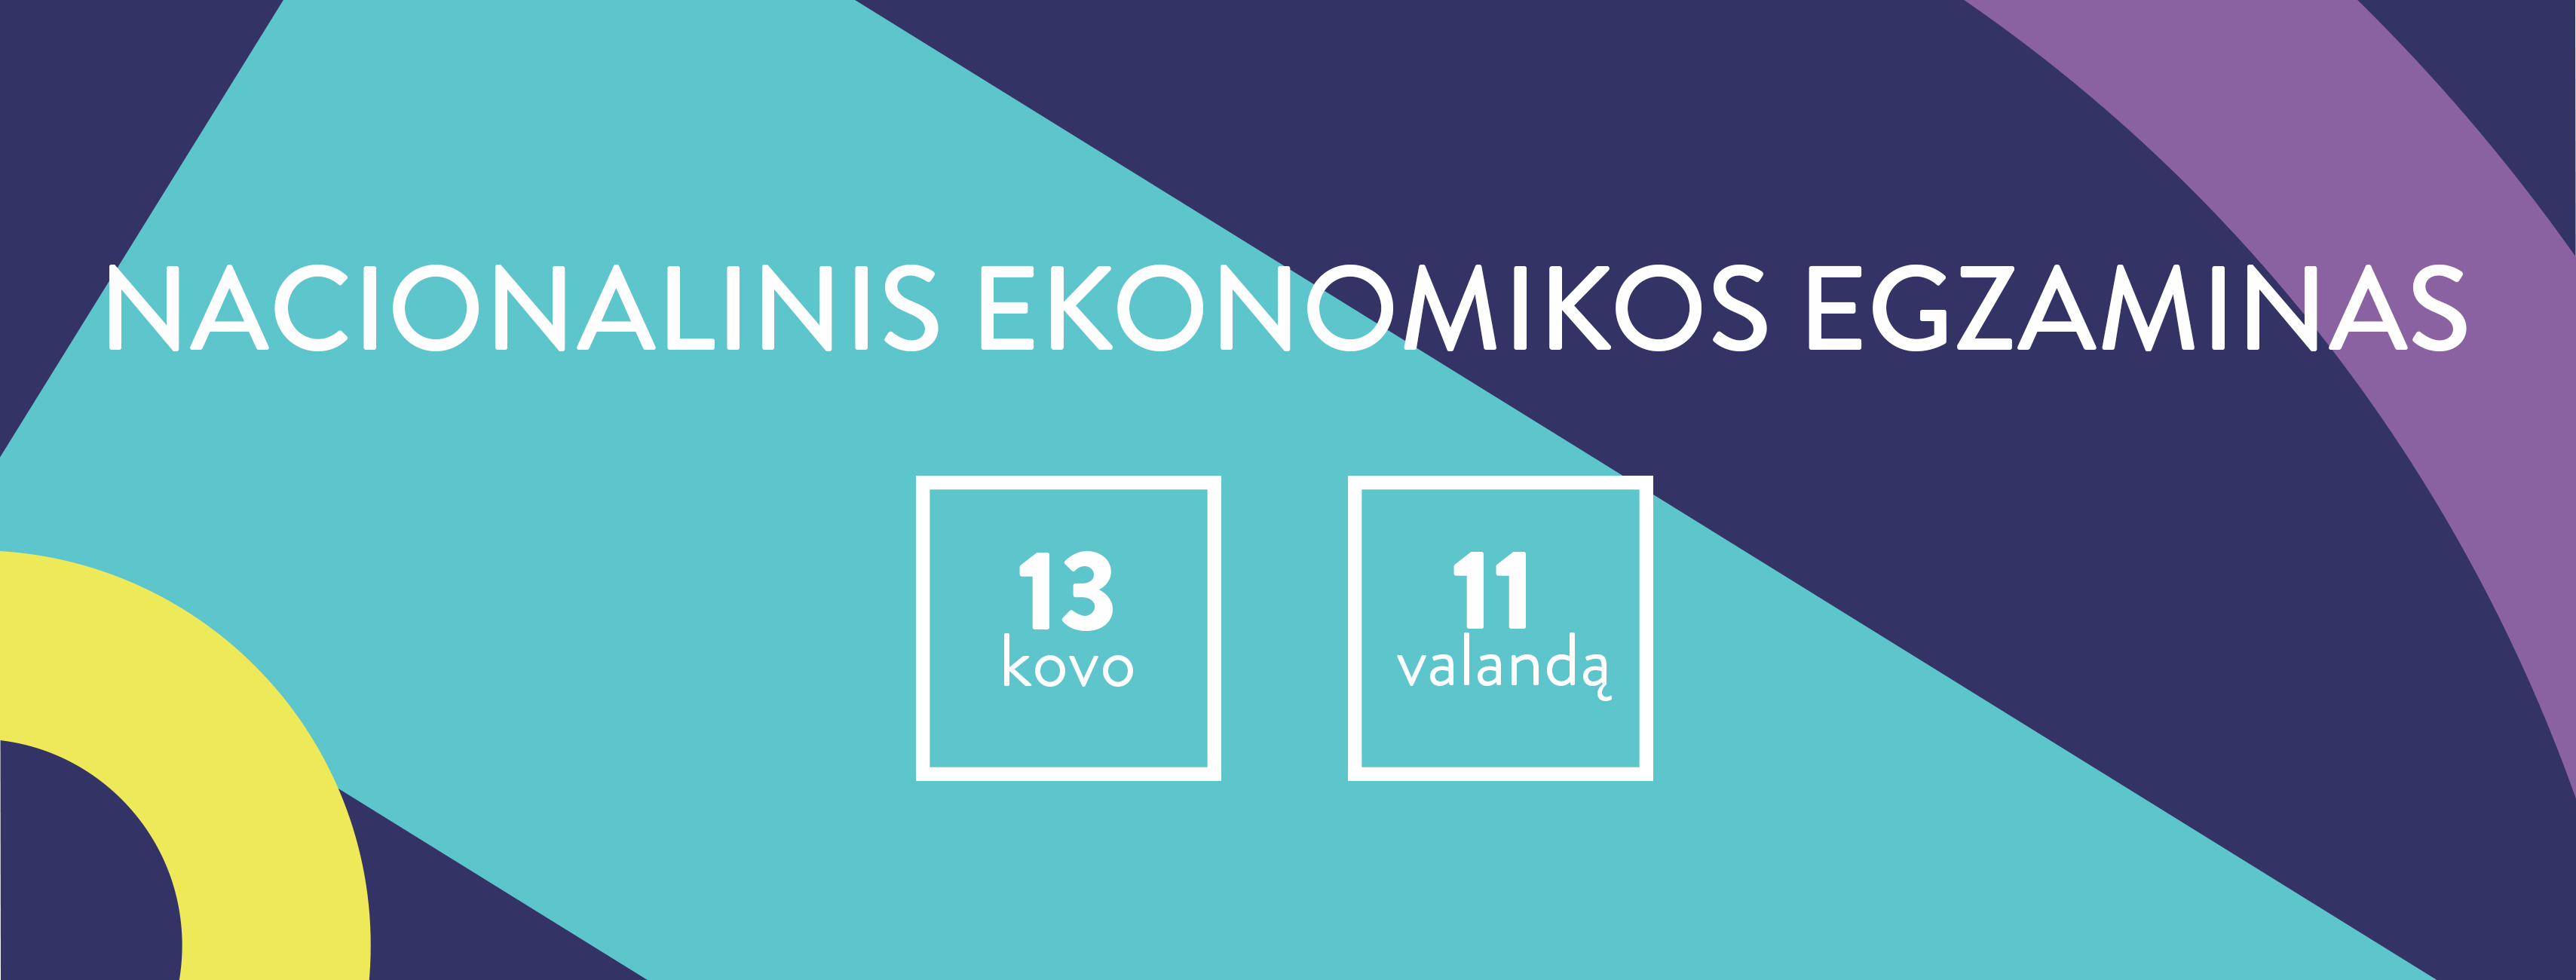 ekonomikos egzaminas